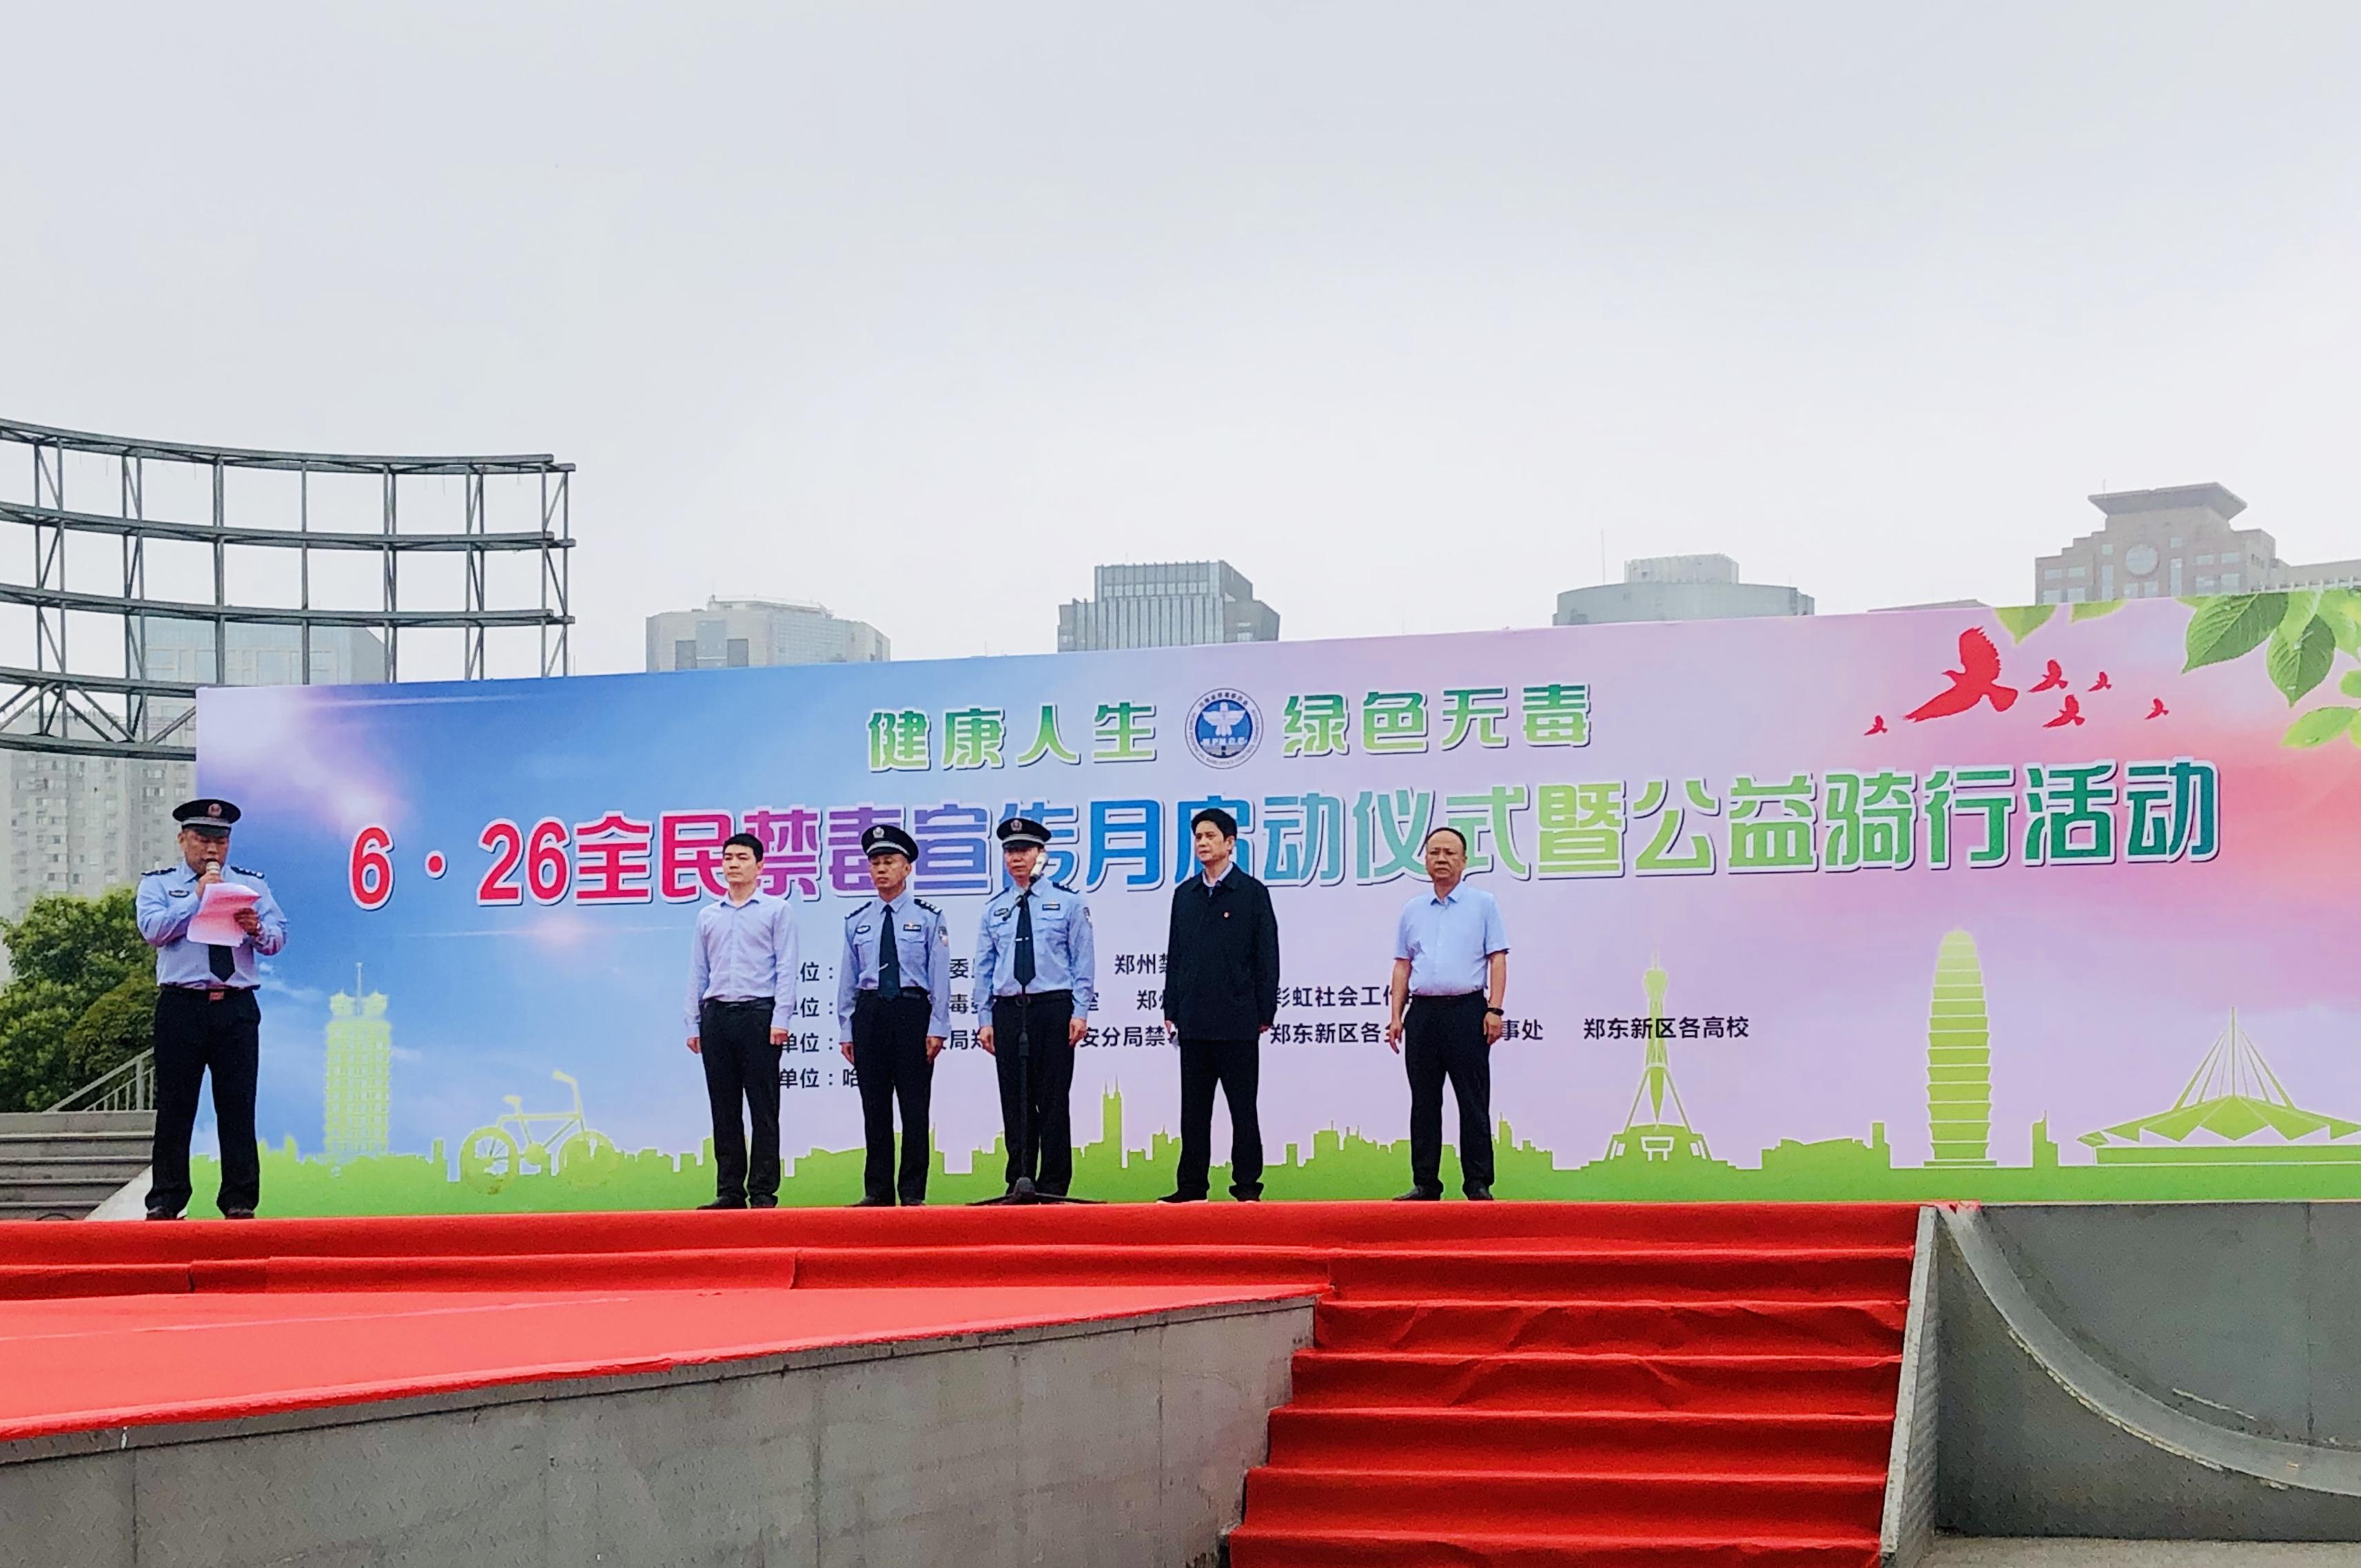 """""""健康人生 绿色无毒""""  郑州开展禁毒主题公益骑行活动"""